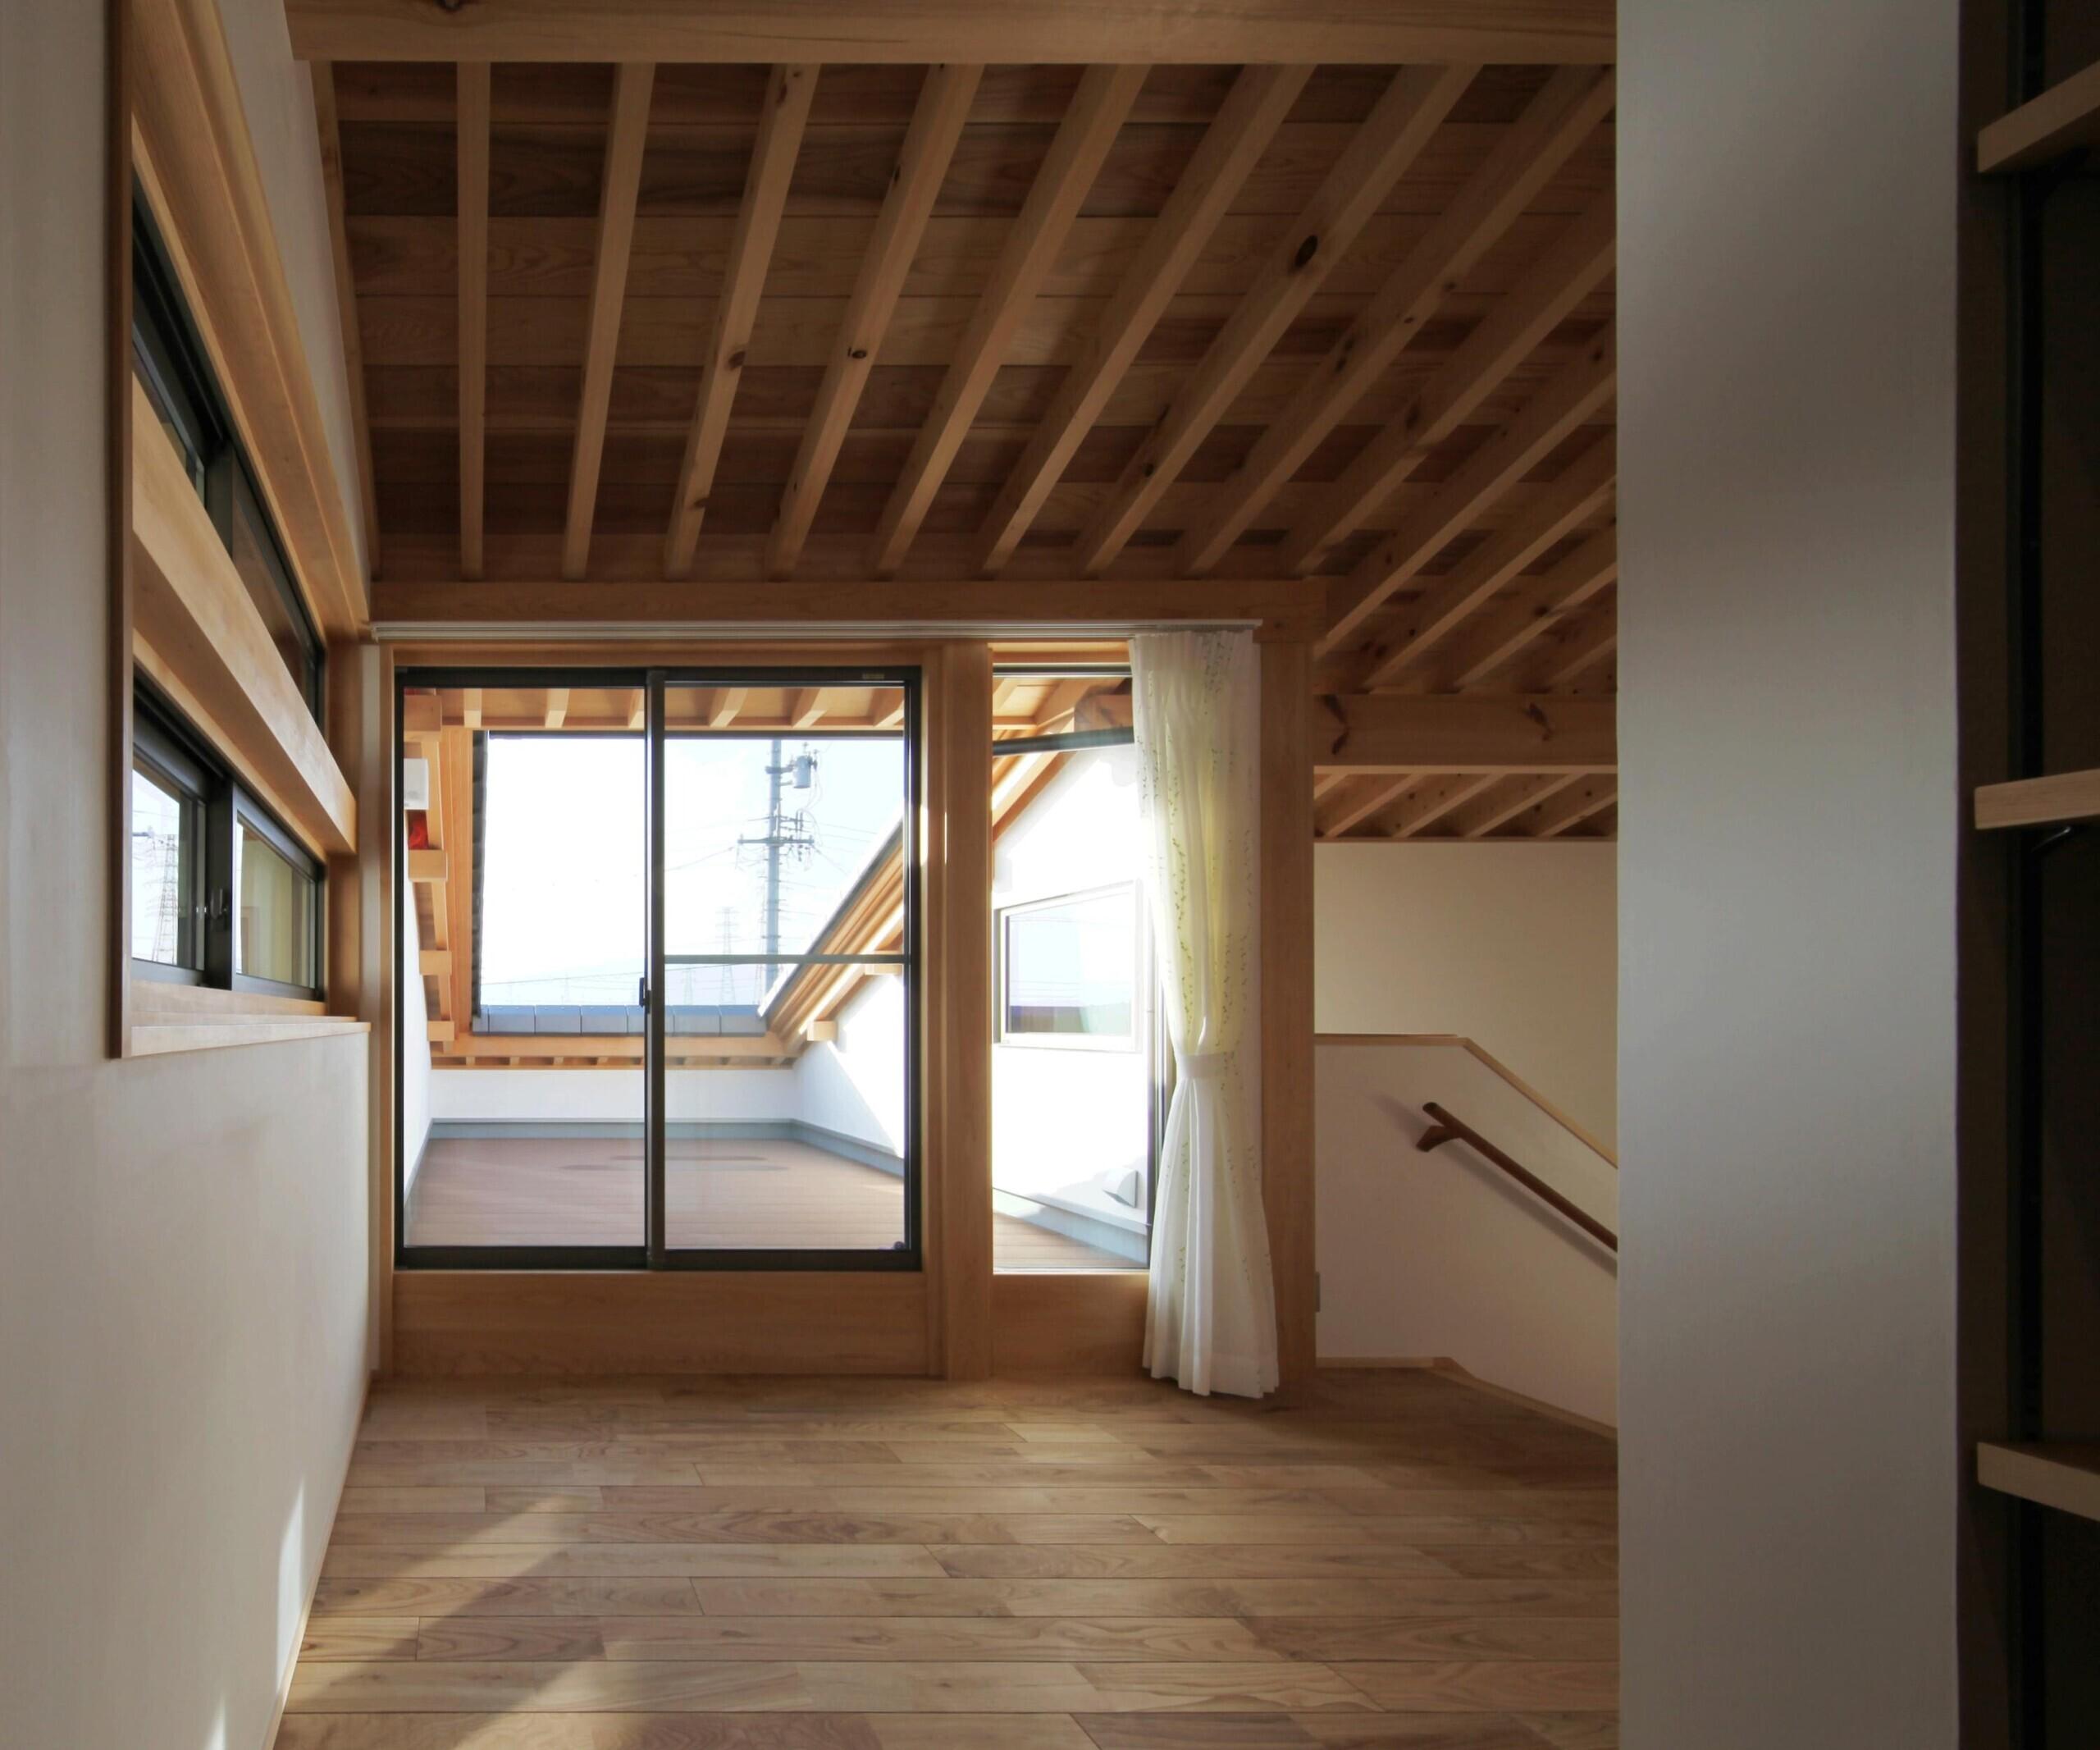 伊吹山を望む花火テラスのある家/岐阜県 本巣市/新築の建築事例写真